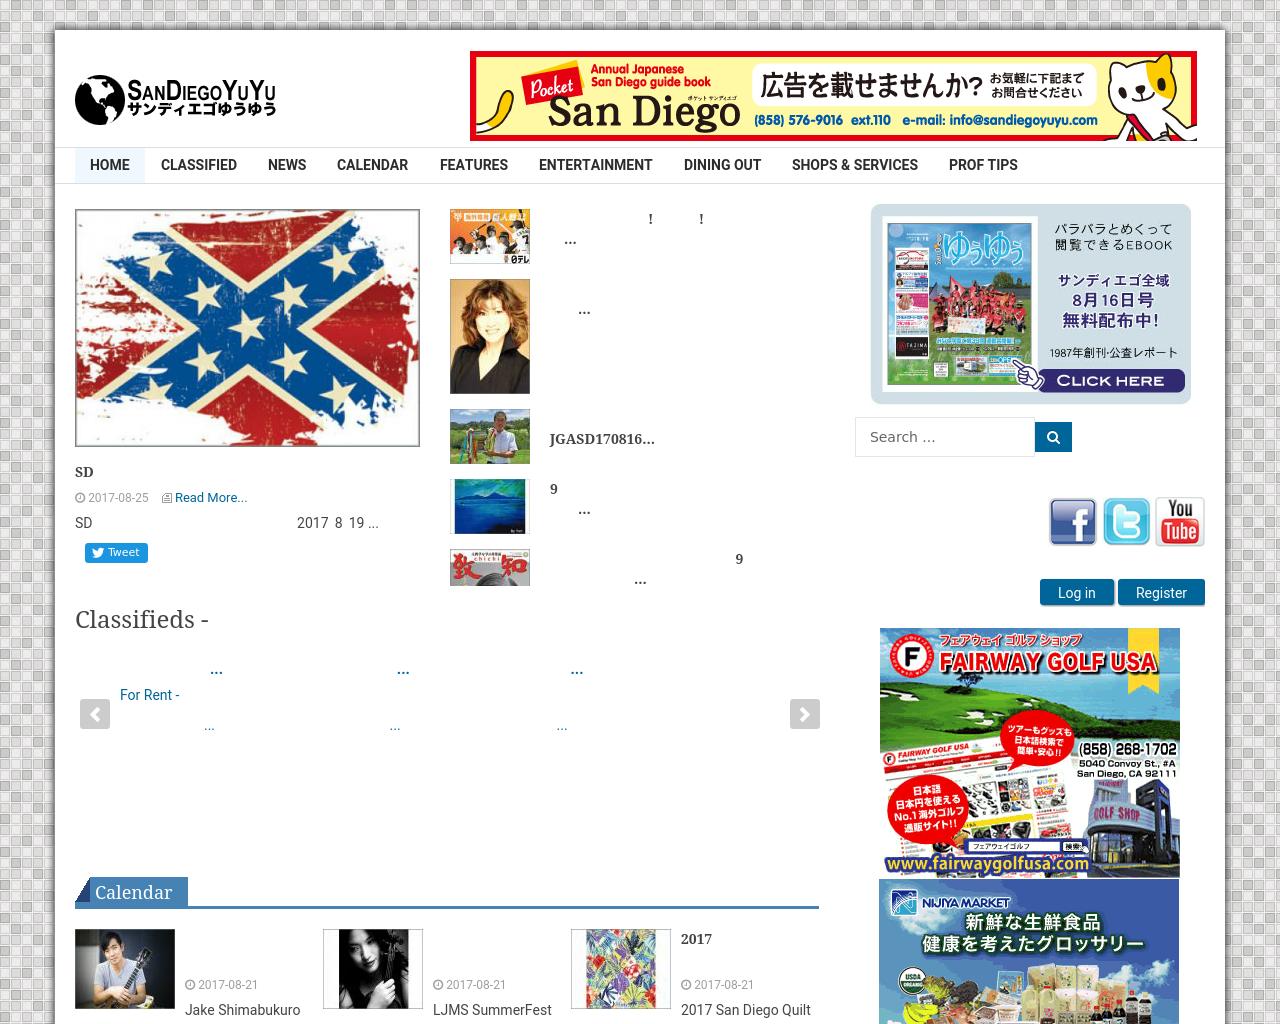 SanDiego-YuYu-Advertising-Reviews-Pricing